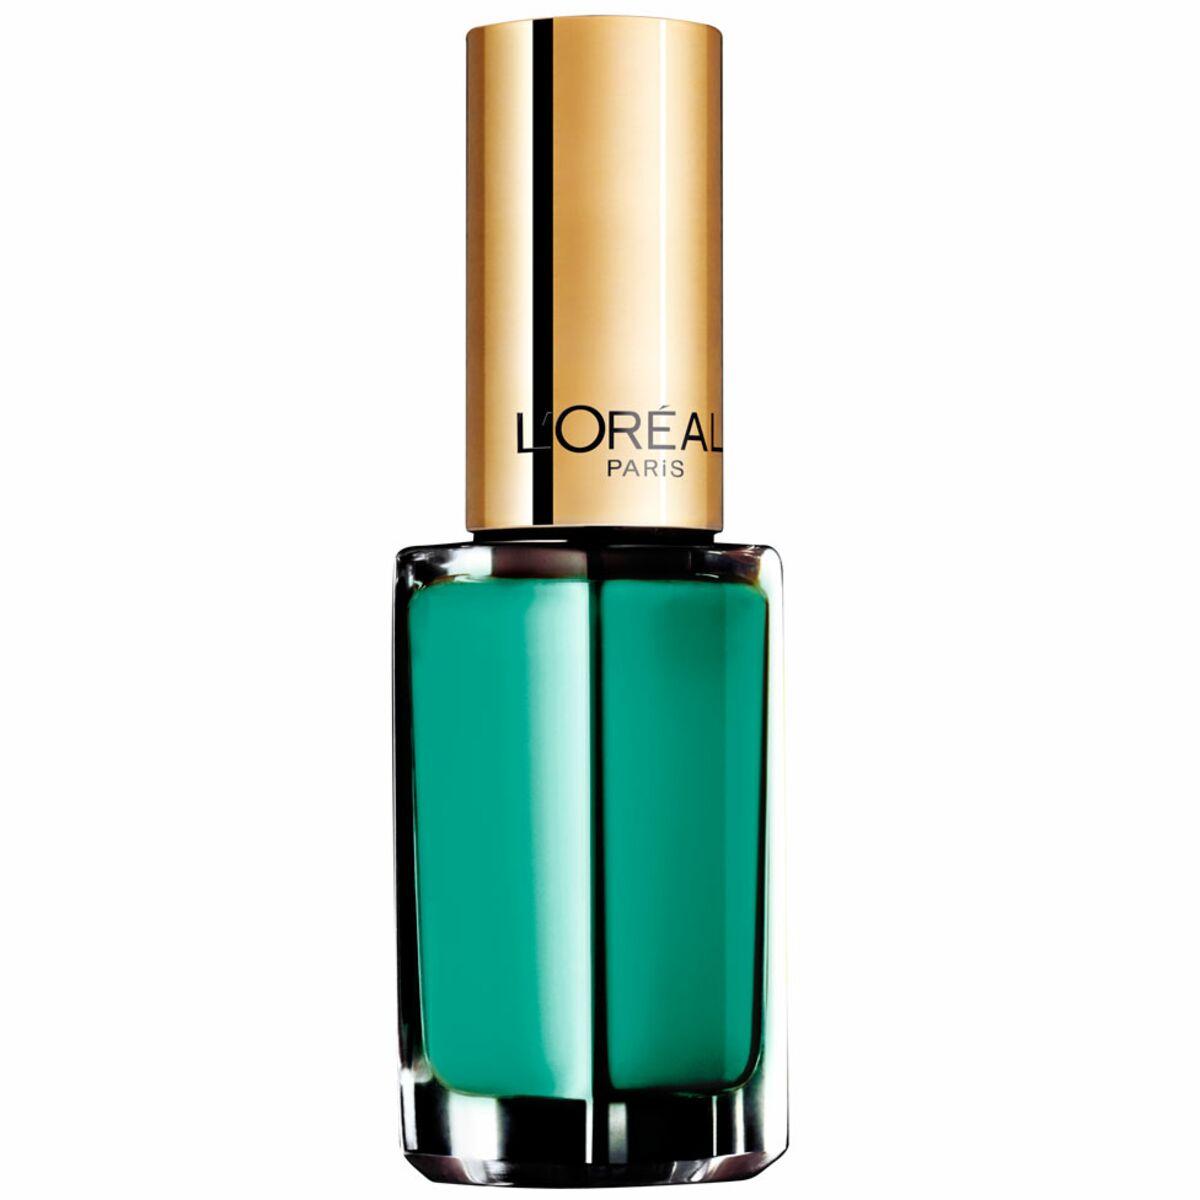 Couleur De L Emeraude le vert émeraude, couleur officielle de 2013, s'invite sur